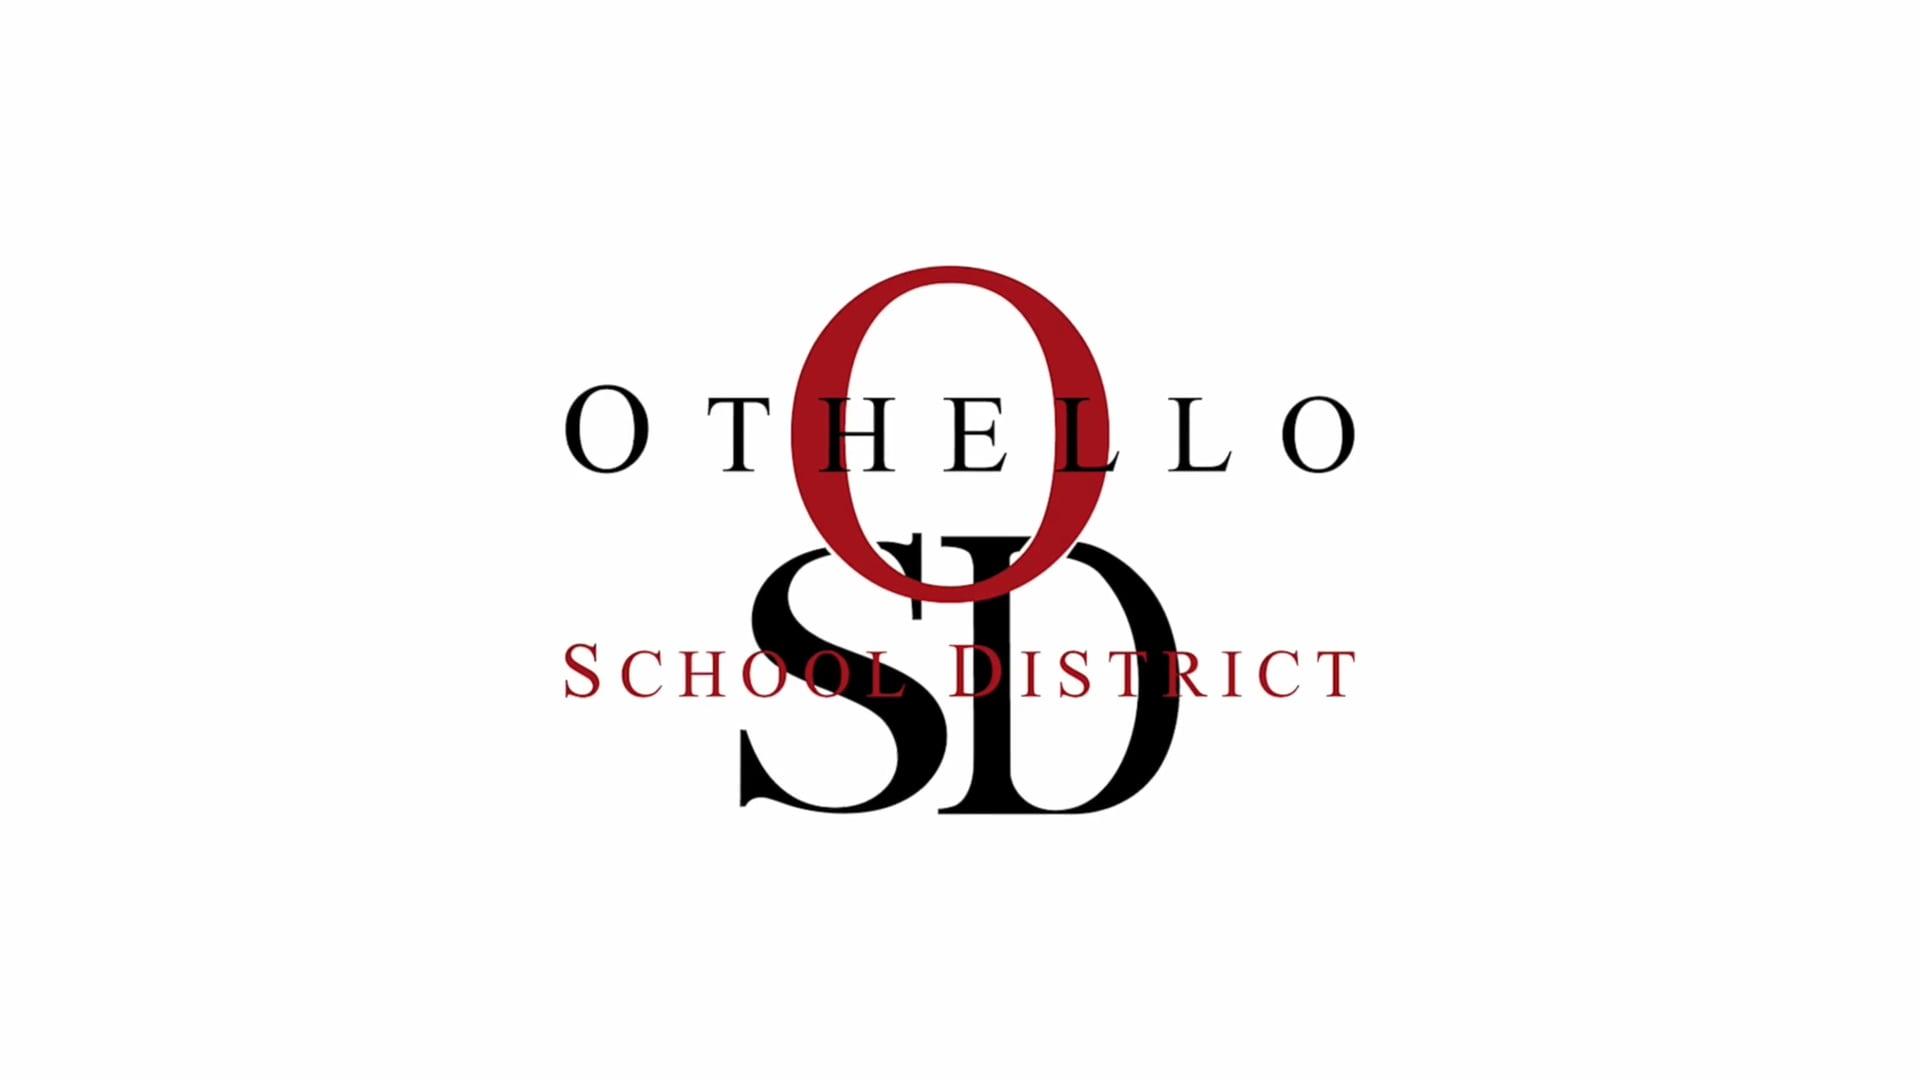 Othello School District Teacher Testimonial